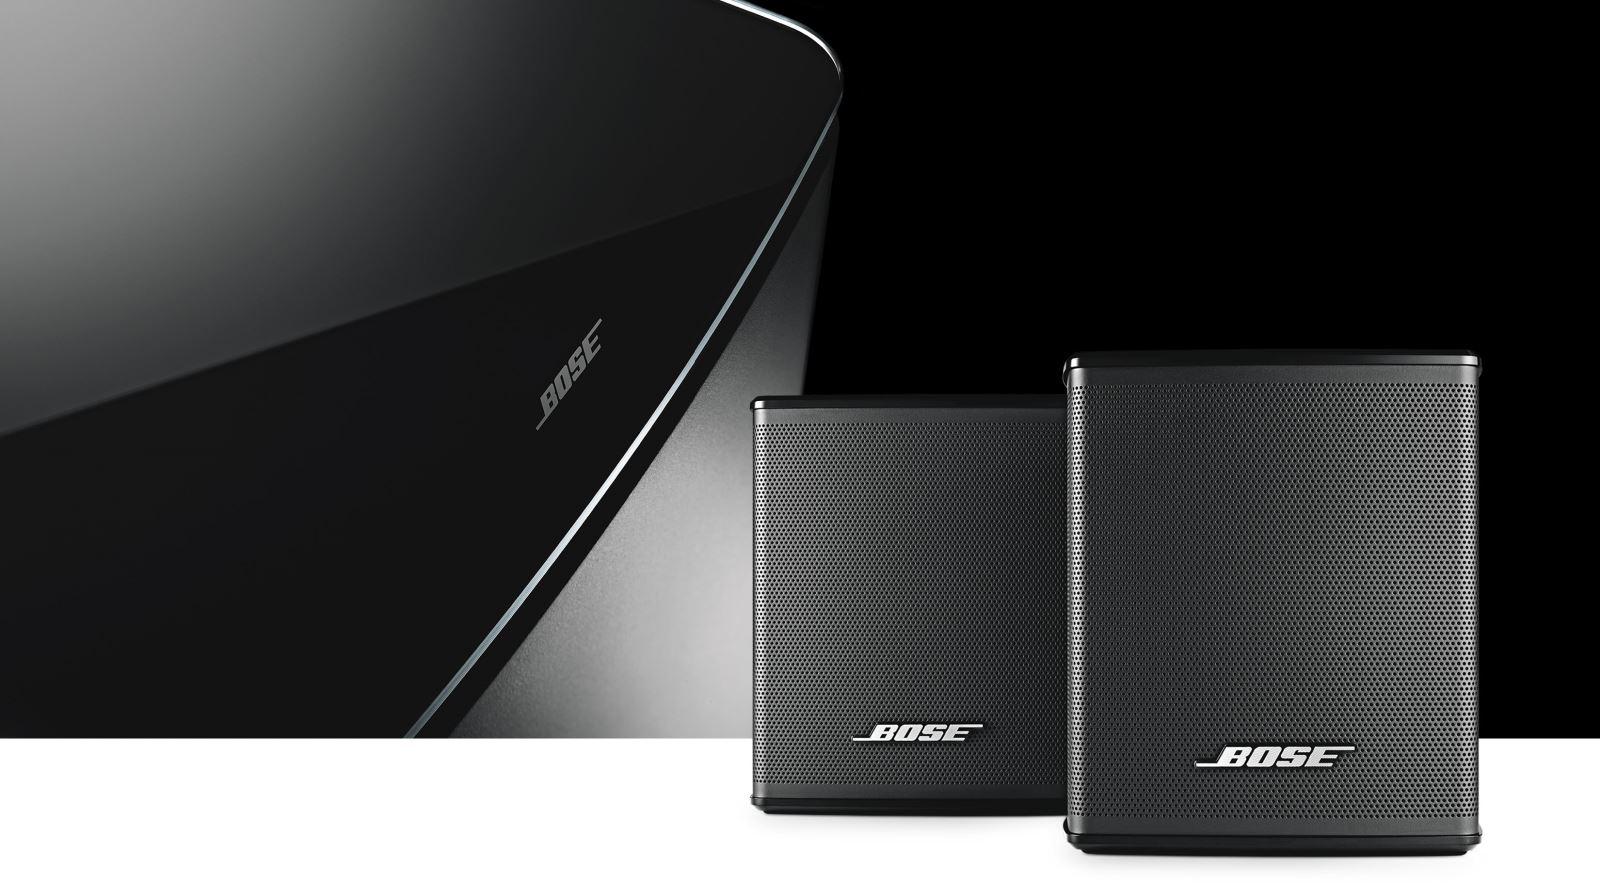 Bose Soundtouch 300 Kablosuz Soundbar Wifi Bt Nfc Fiyat With Acoustimass Plus Virtually Invisible Daha Ileri Mi Gitmek Istiyorsunuz Fazla Ekleyin